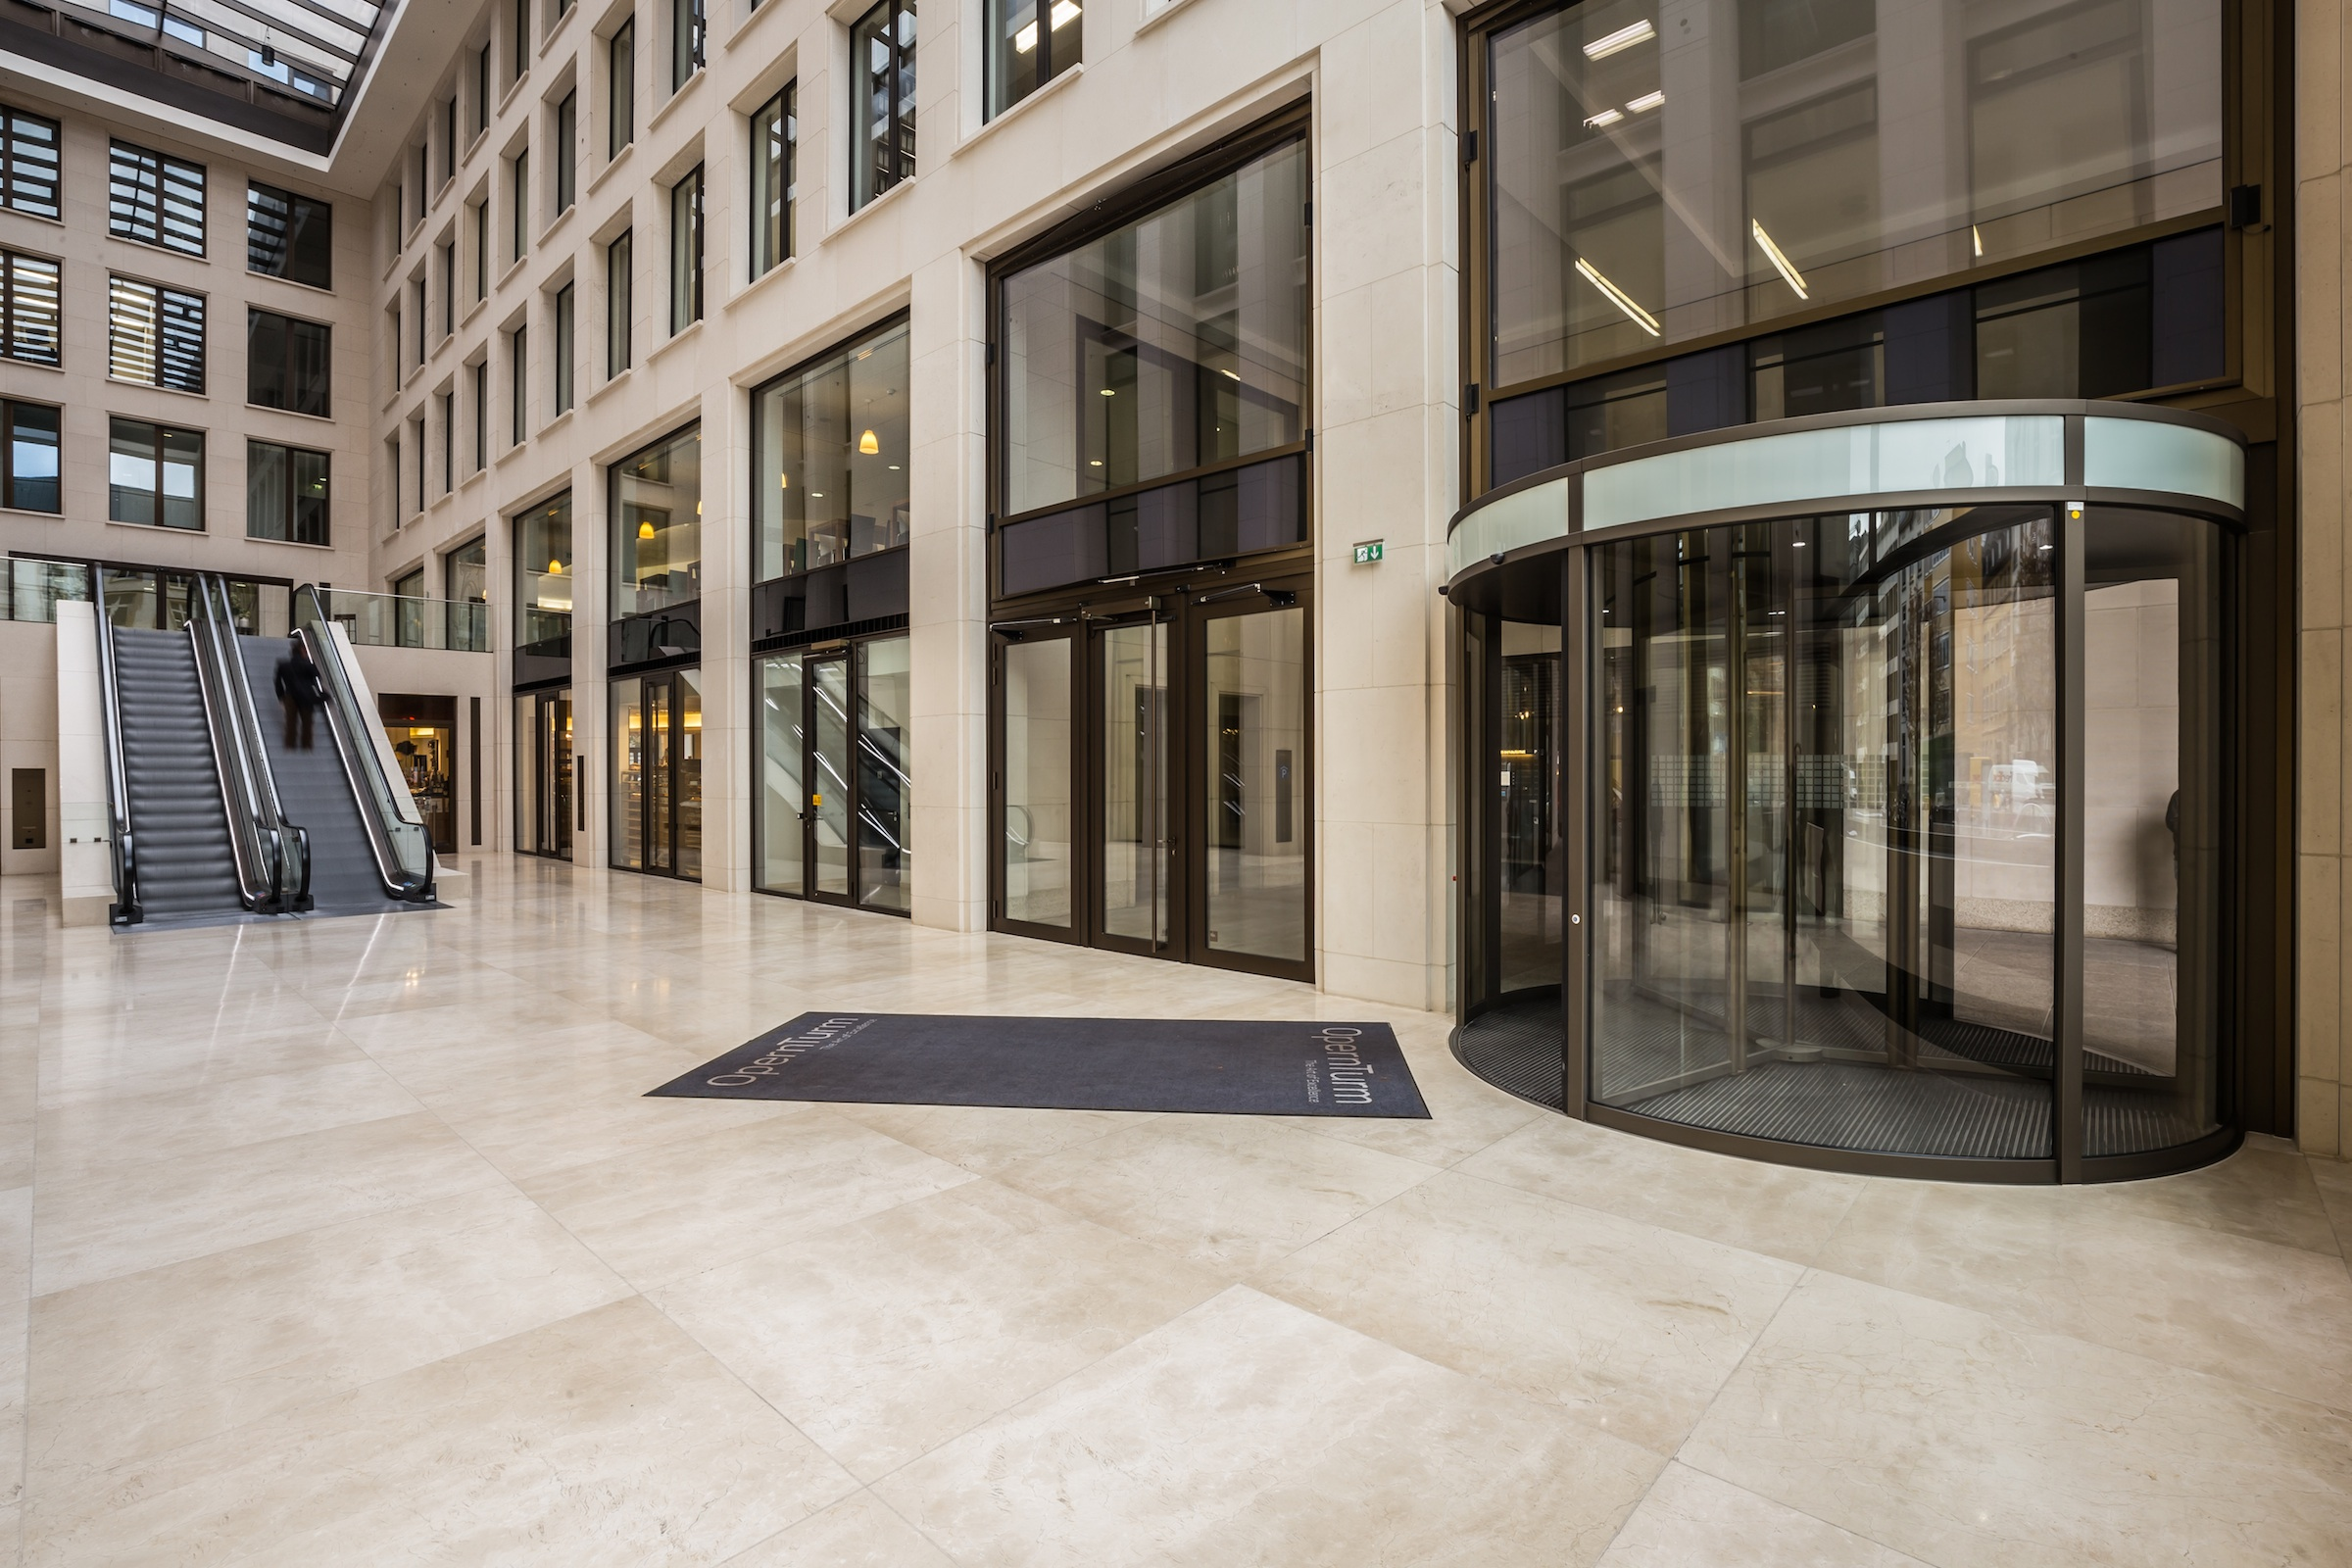 Opernturm frankfurt bauporte design entrances for Designer frankfurt